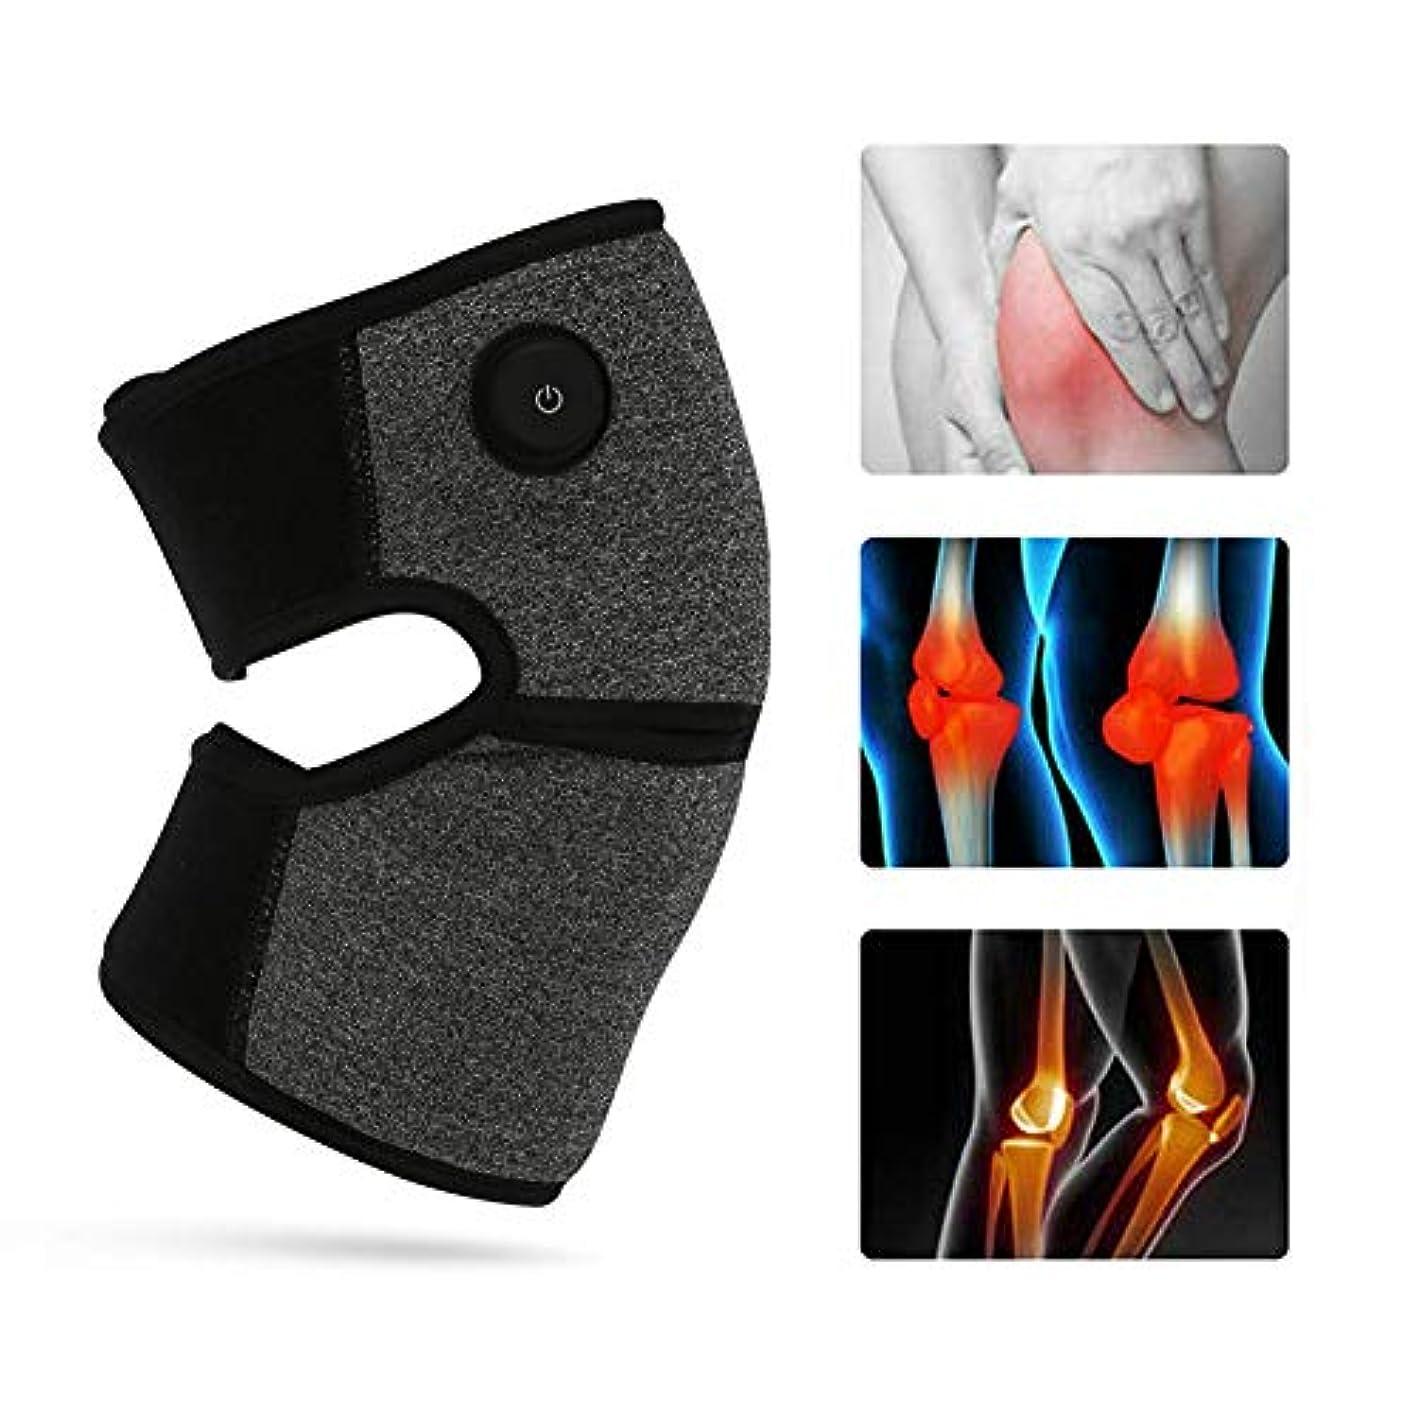 遮るうがい薬トムオードリース電気加熱膝パッド加熱膝ブレースラップサポート療法ホット圧縮3ファイル温度で関節炎膝の痛み,1pc